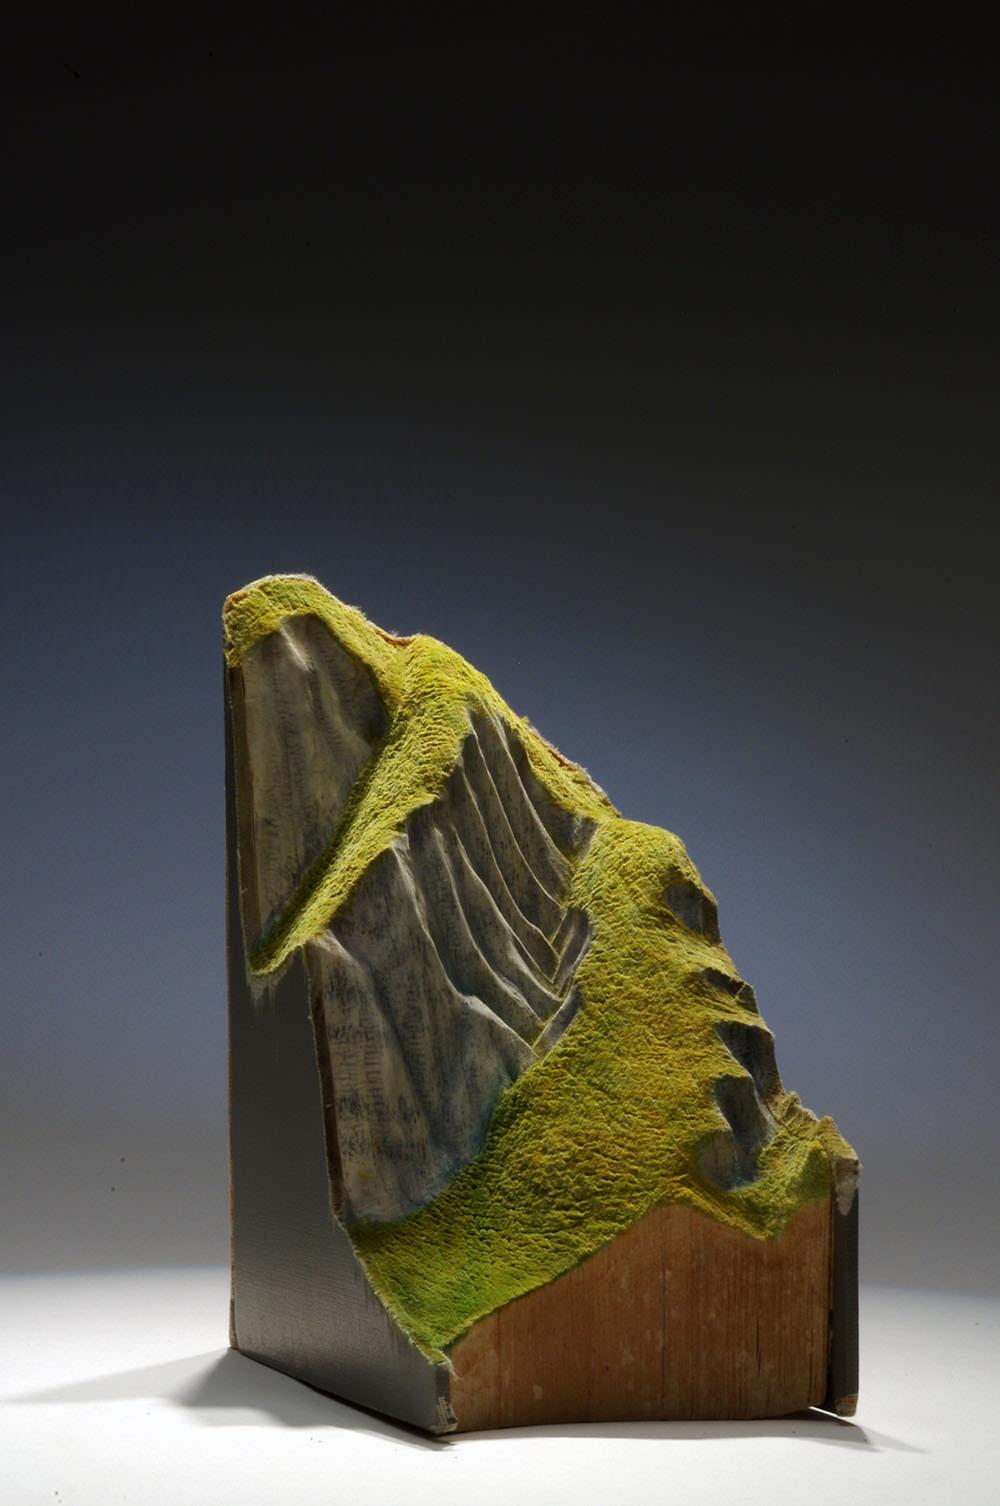 guy-laramee-sculture-di-libri-01